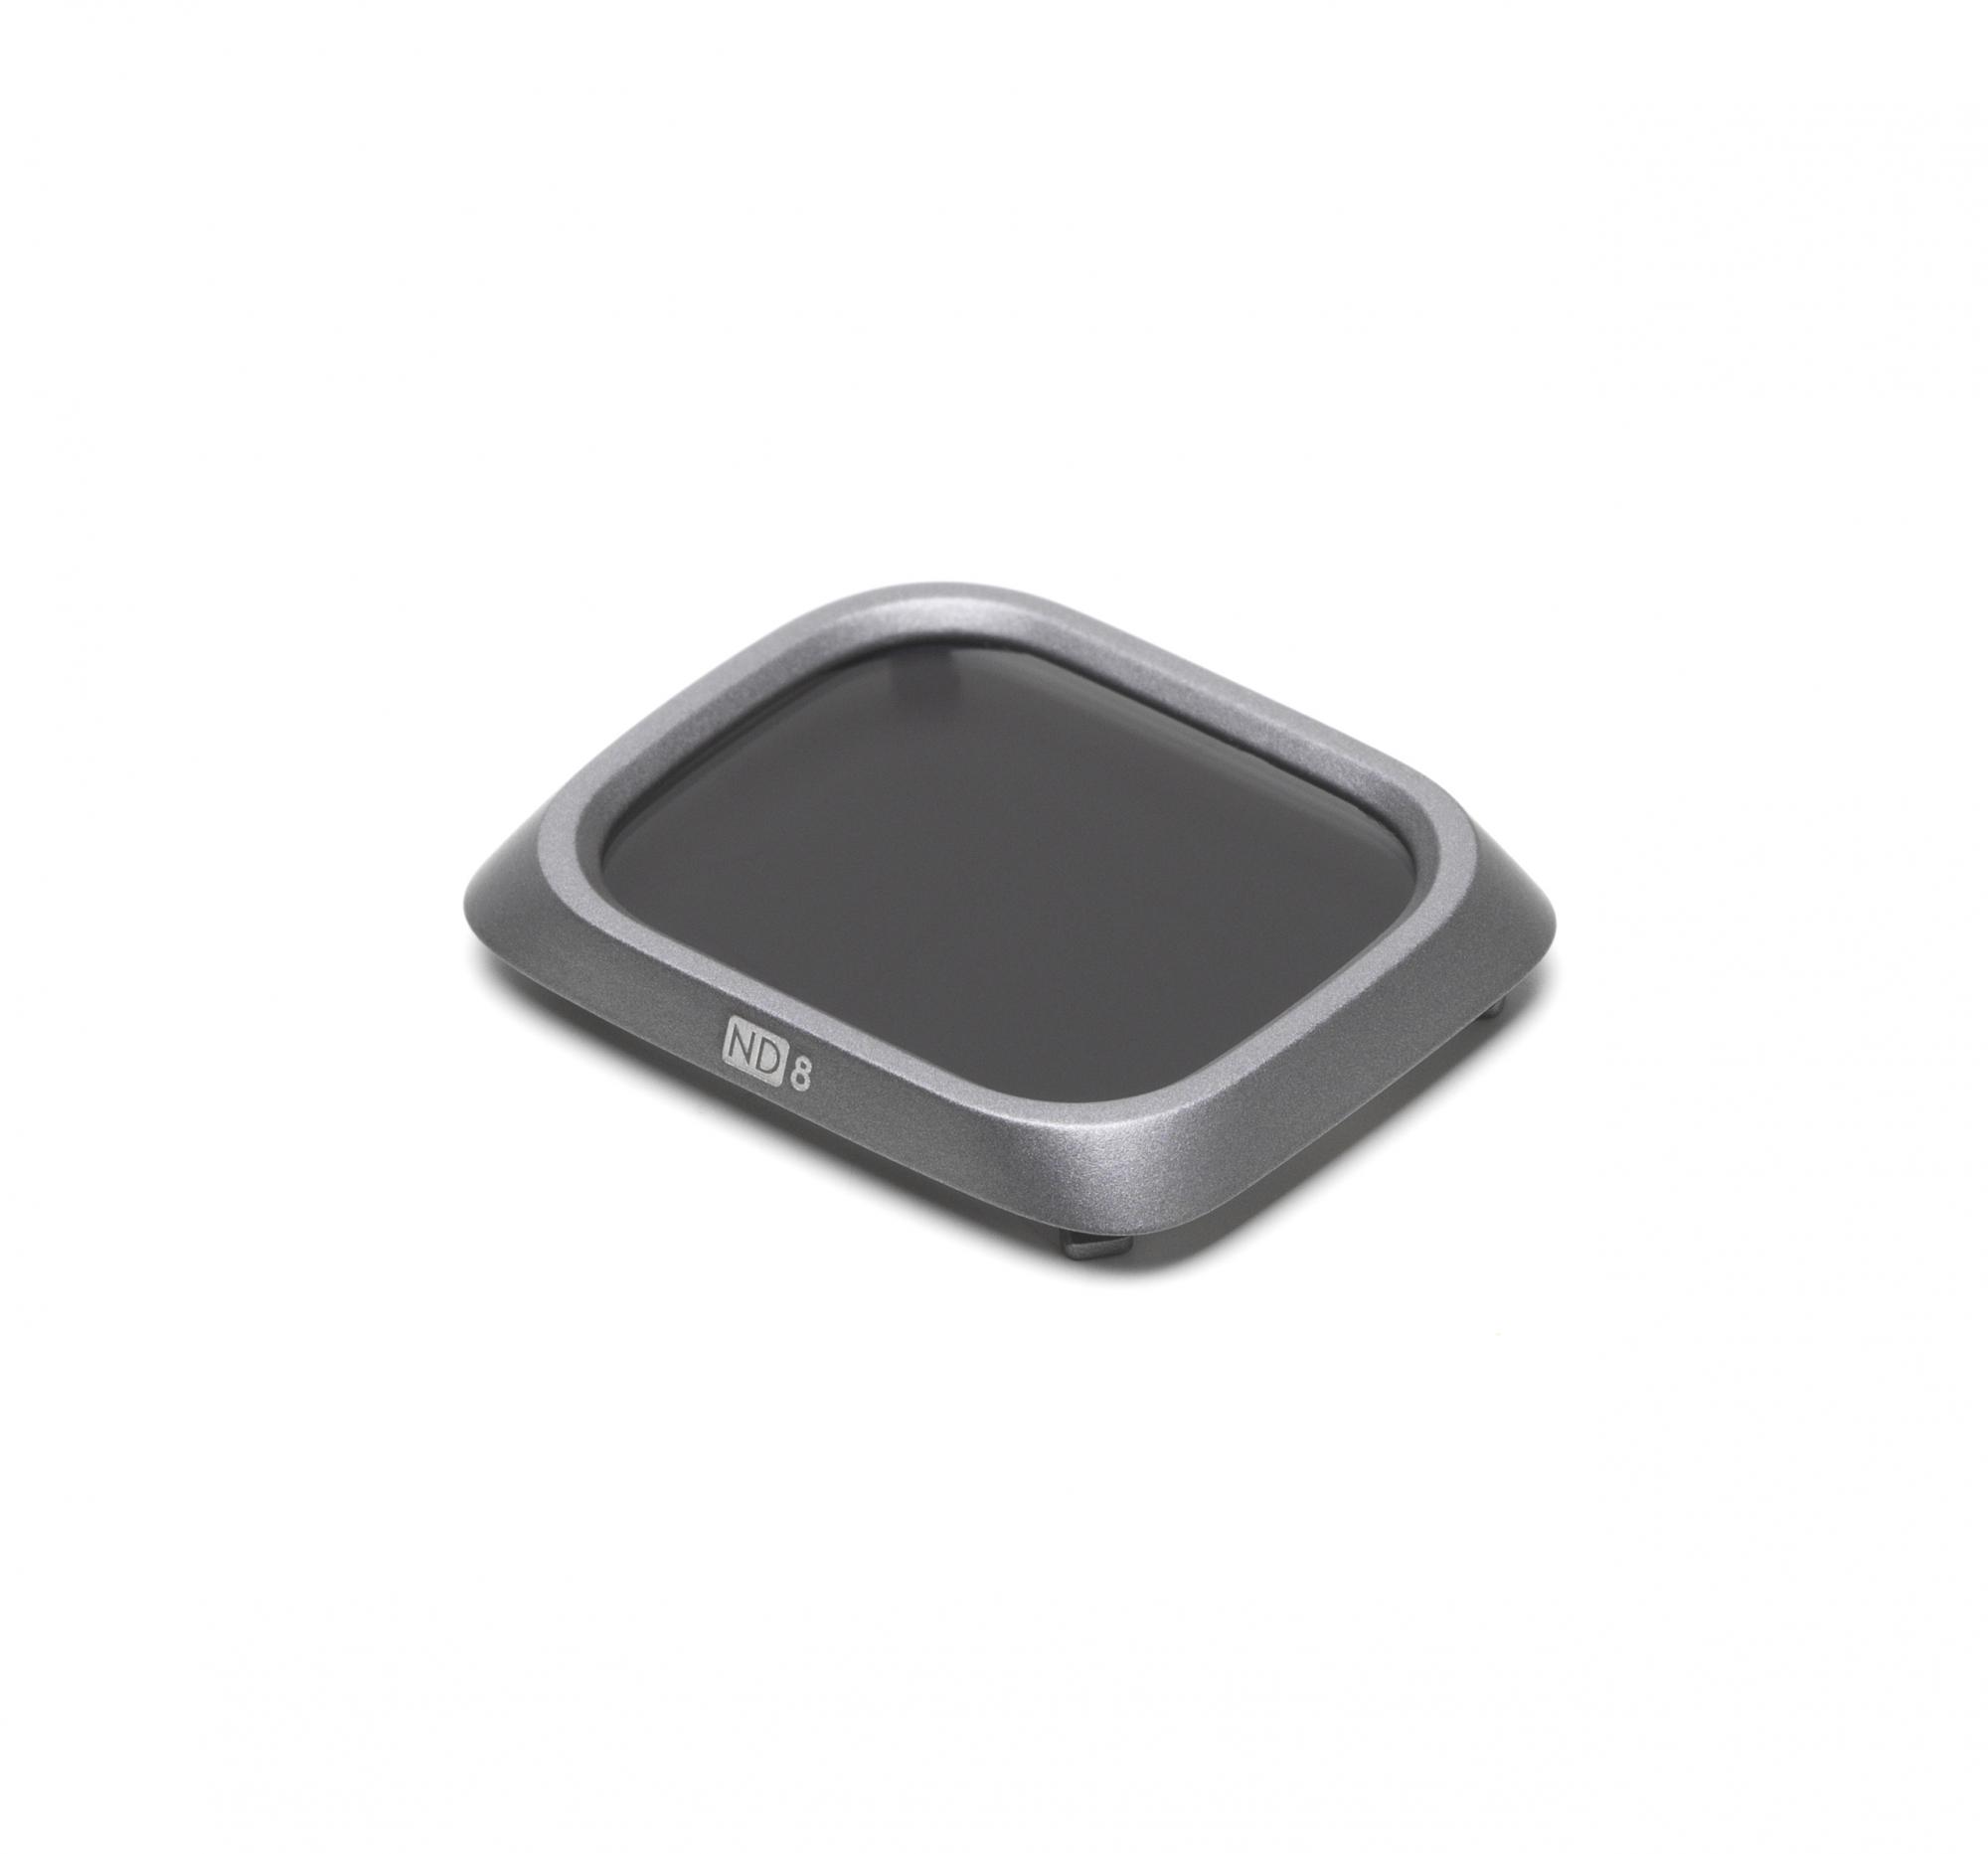 Kit de 4 filtres ND (ND4/8/16/32) pour DJI Air 2S